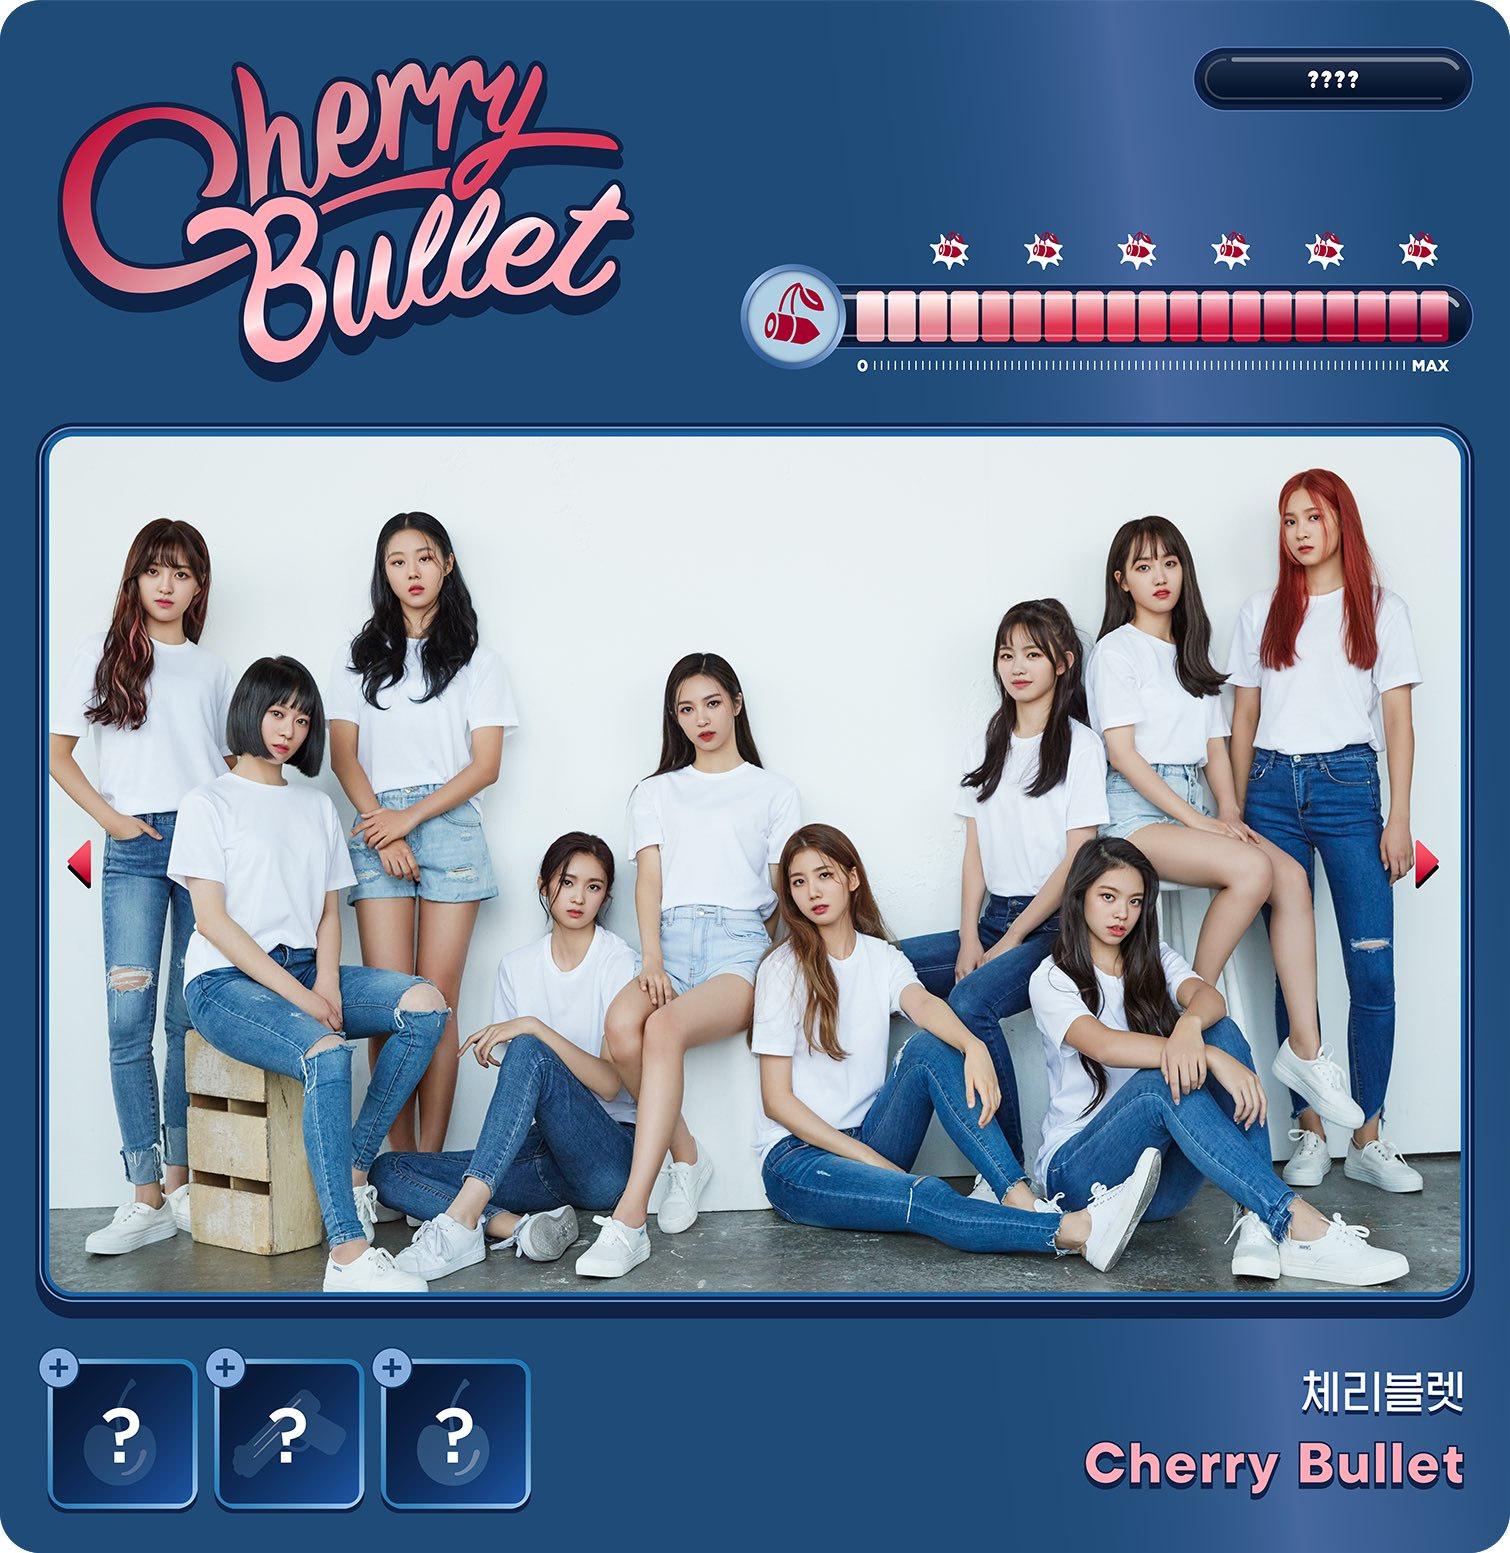 Cherry Bullet Members Profile K Pop Database Dbkpop Com Elas debutaram em 21 de janeiro de 2019 com seu primeiro single álbum let's play cherry bullet, junto a faixa título q&a. cherry bullet members profile k pop